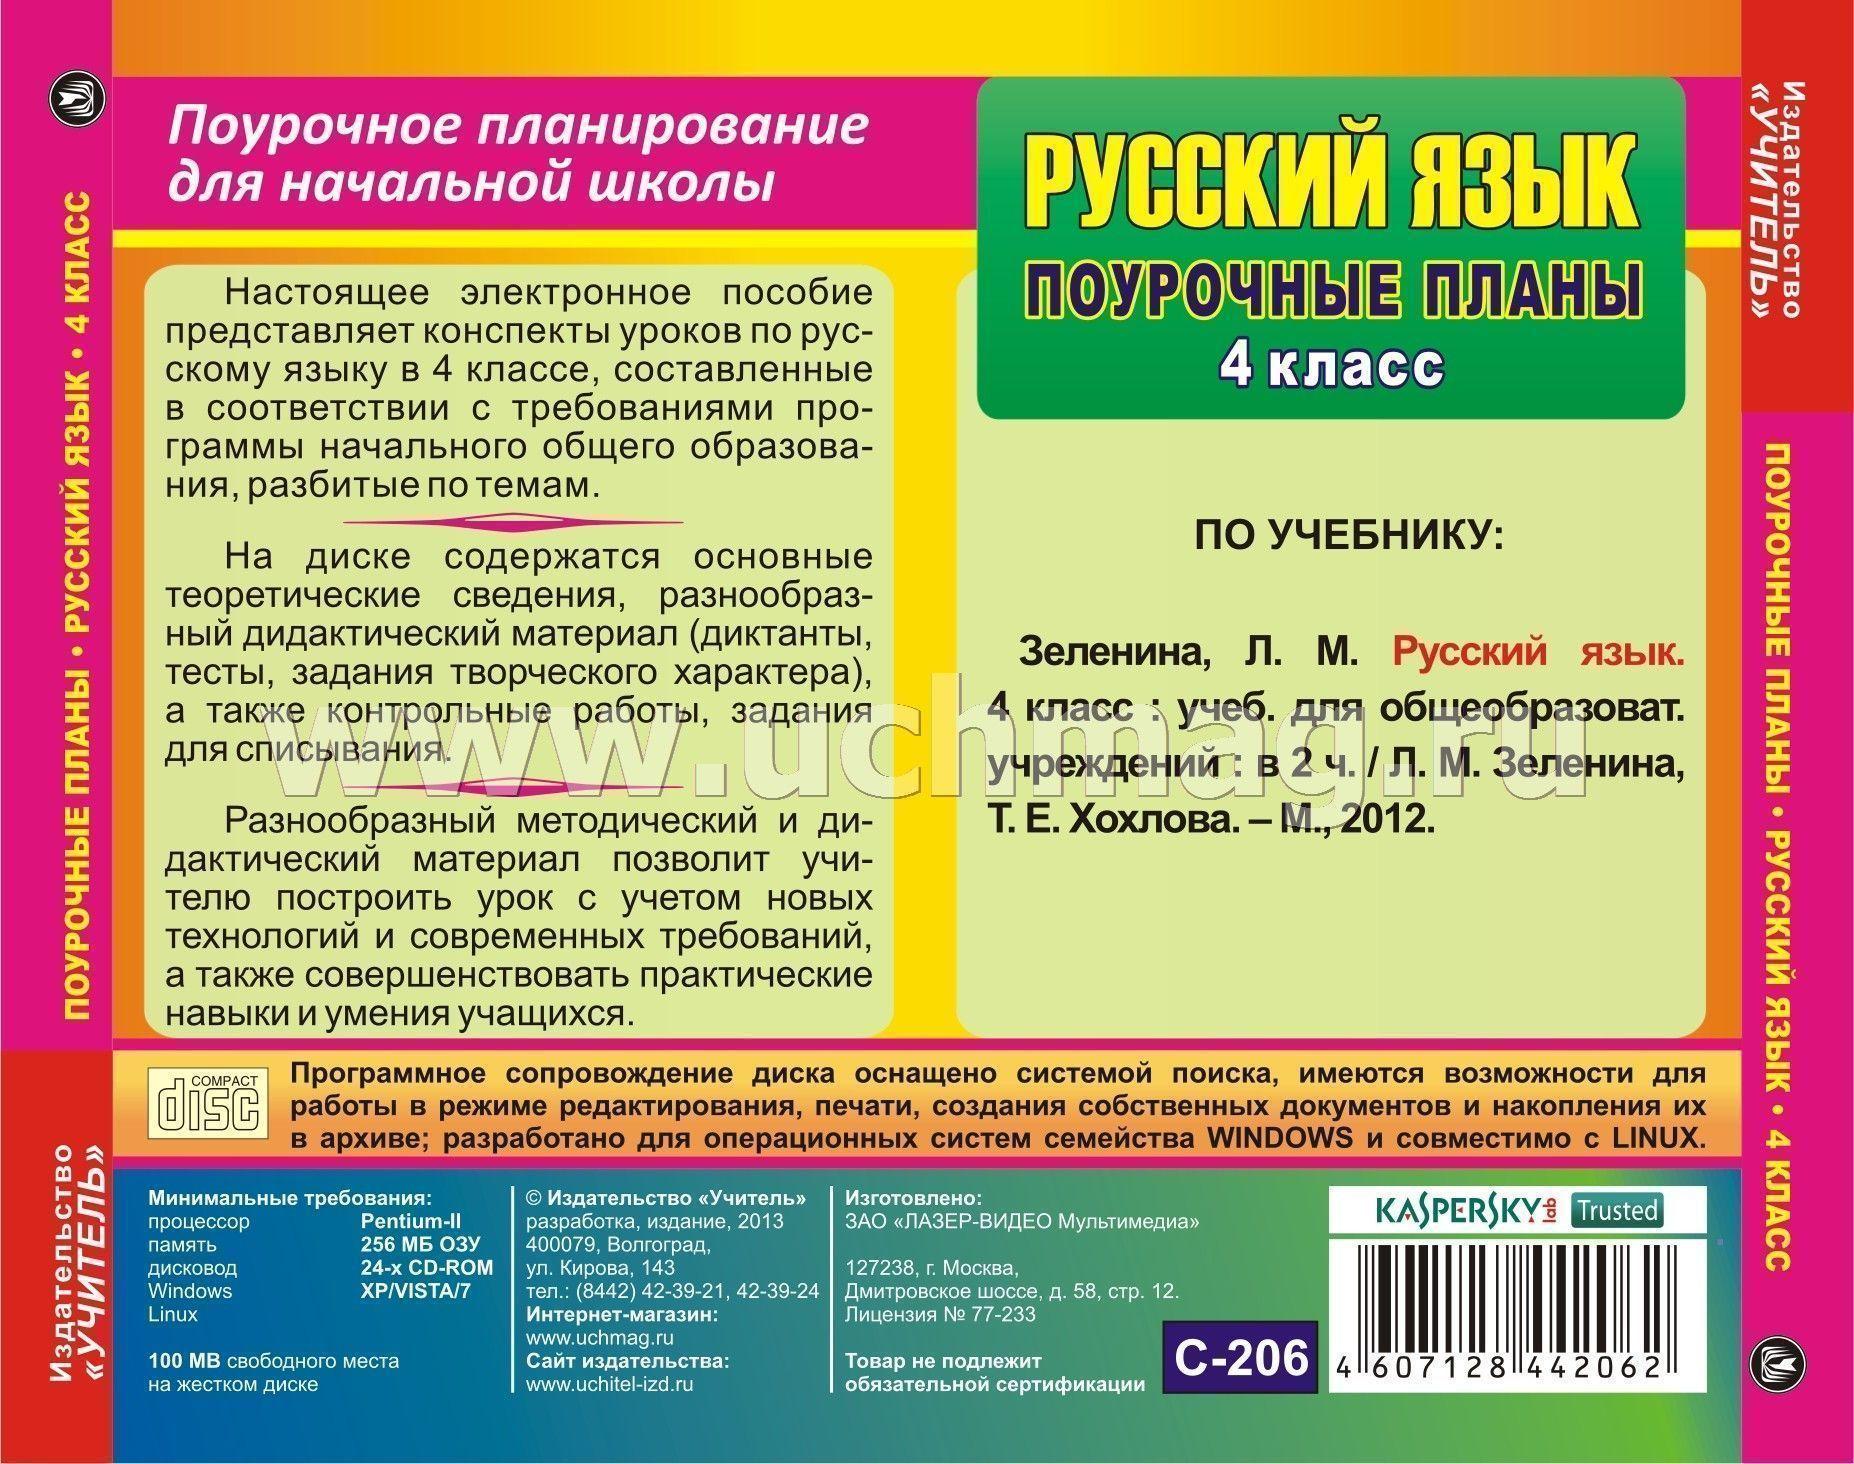 Домашняя работа по русскому языку 4 класса зеленина хохлова т.е без скачивание